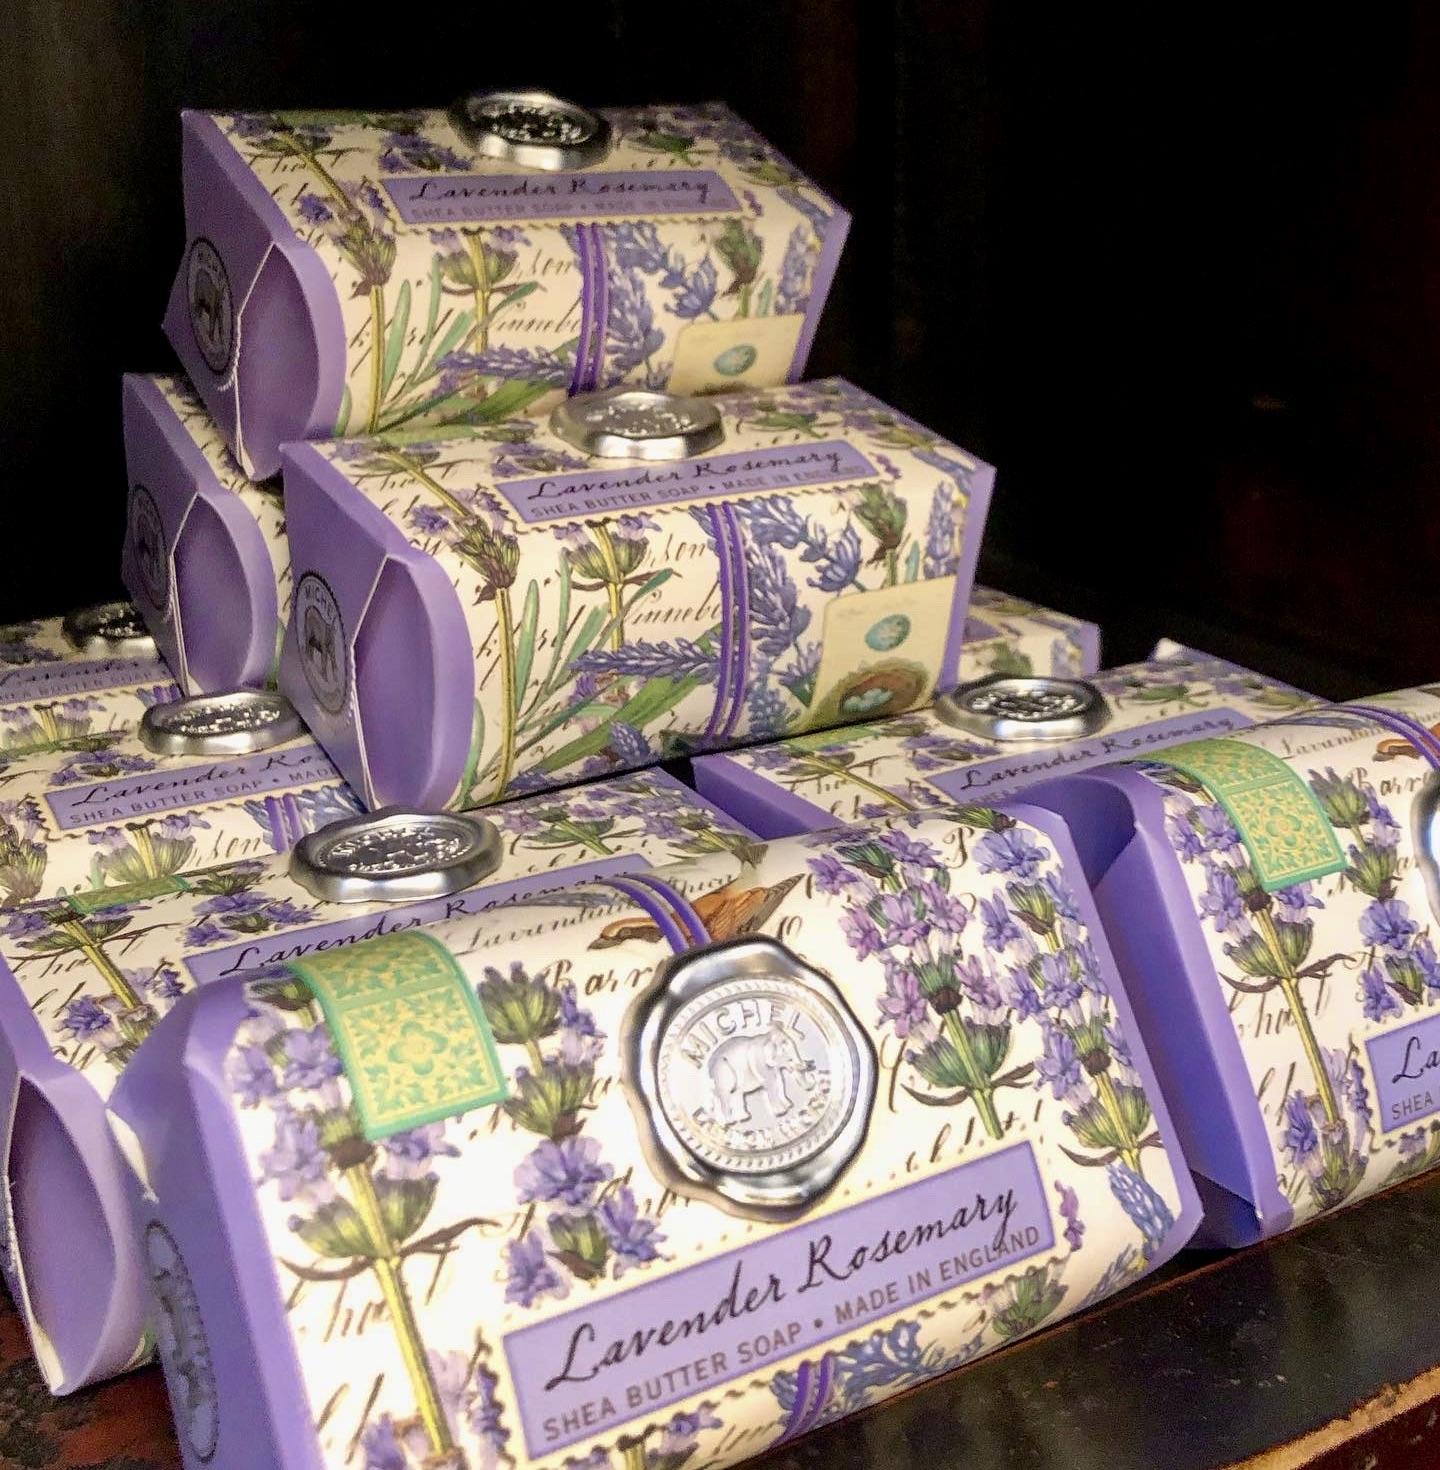 Lavender & Rosemary Shea Butter